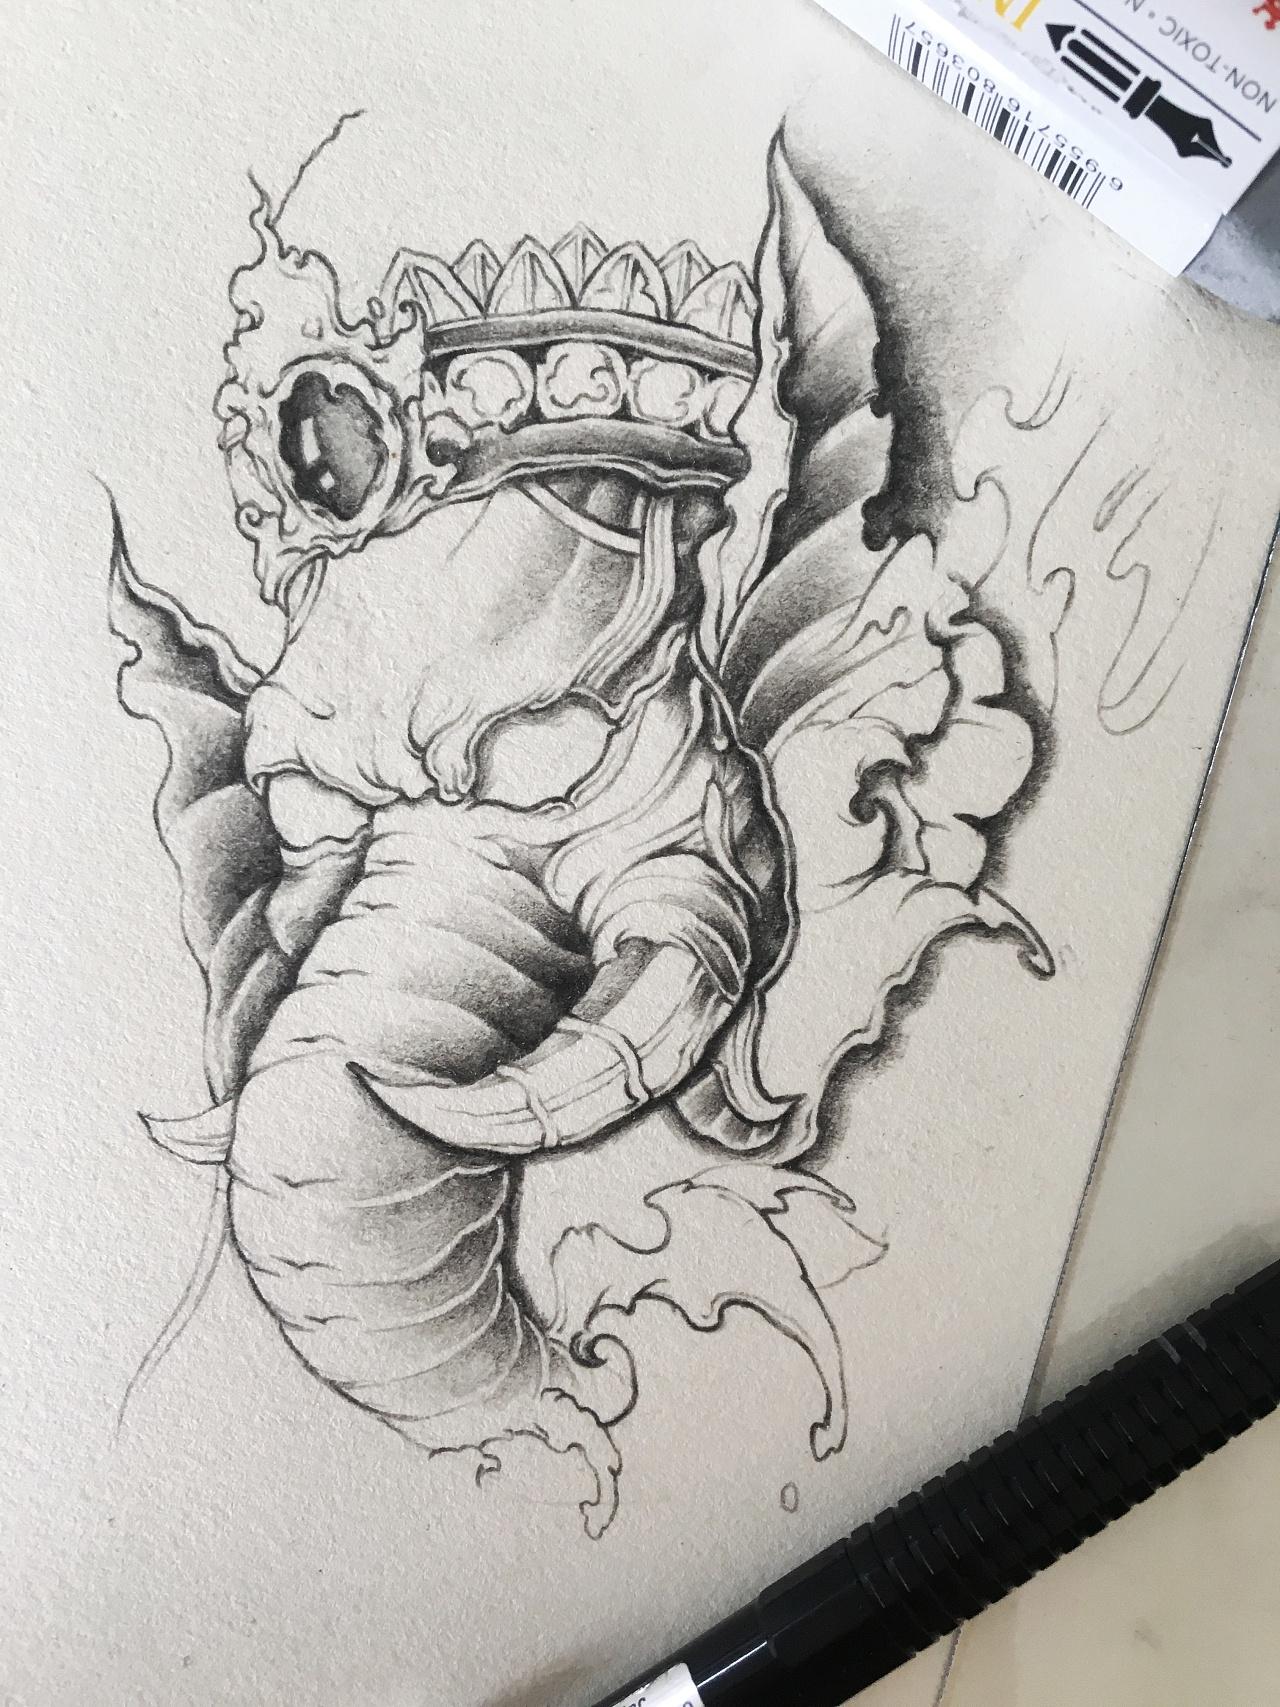 手稿一张孔雀开屏的纹身图案 - 66纹身图库